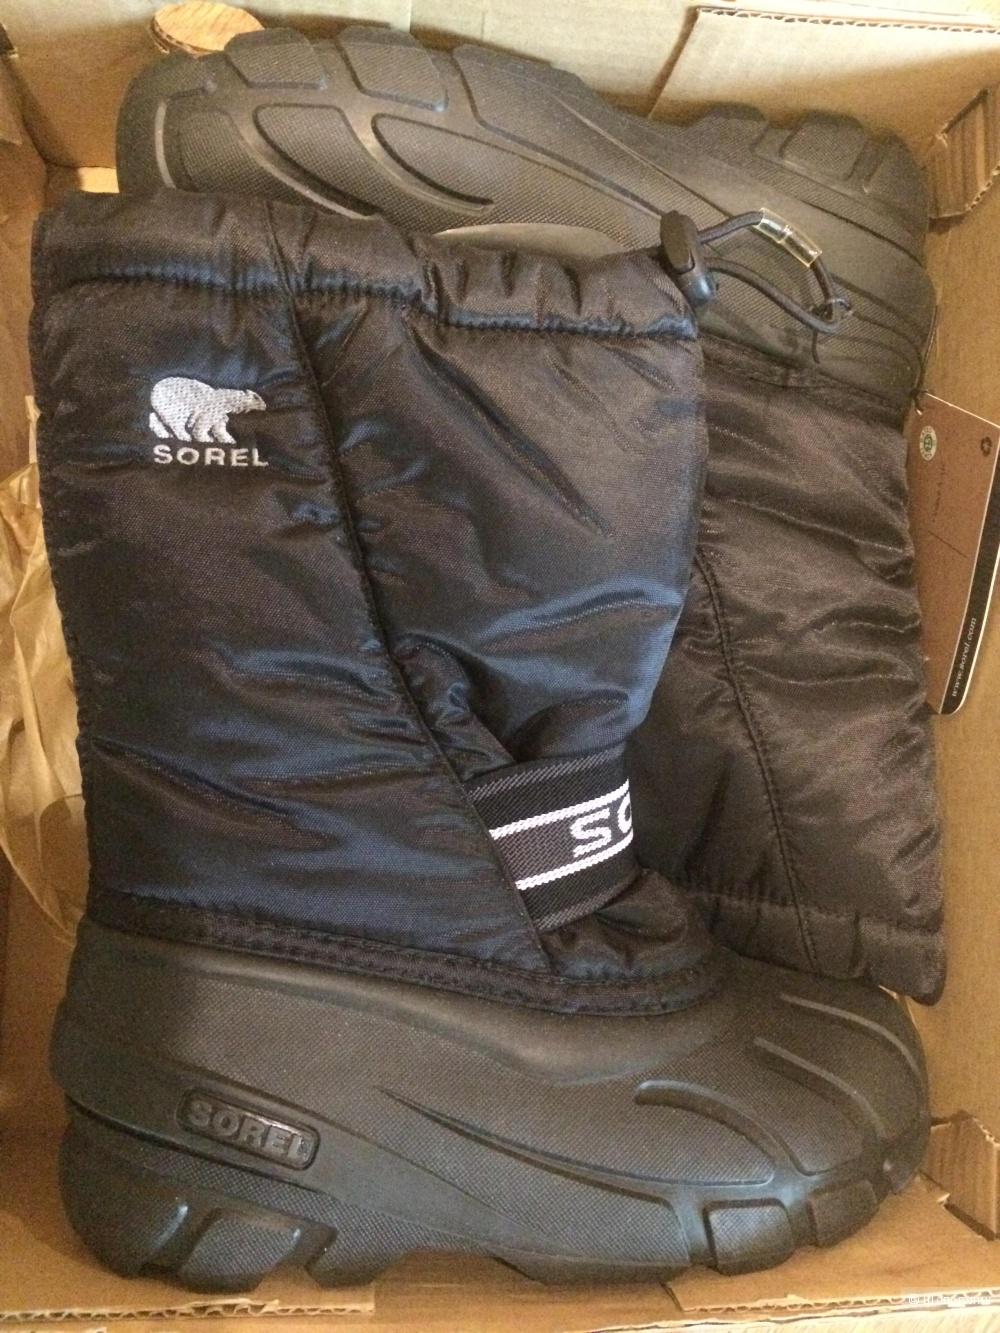 Зимние сапоги Sorel 34-35, 22 см.